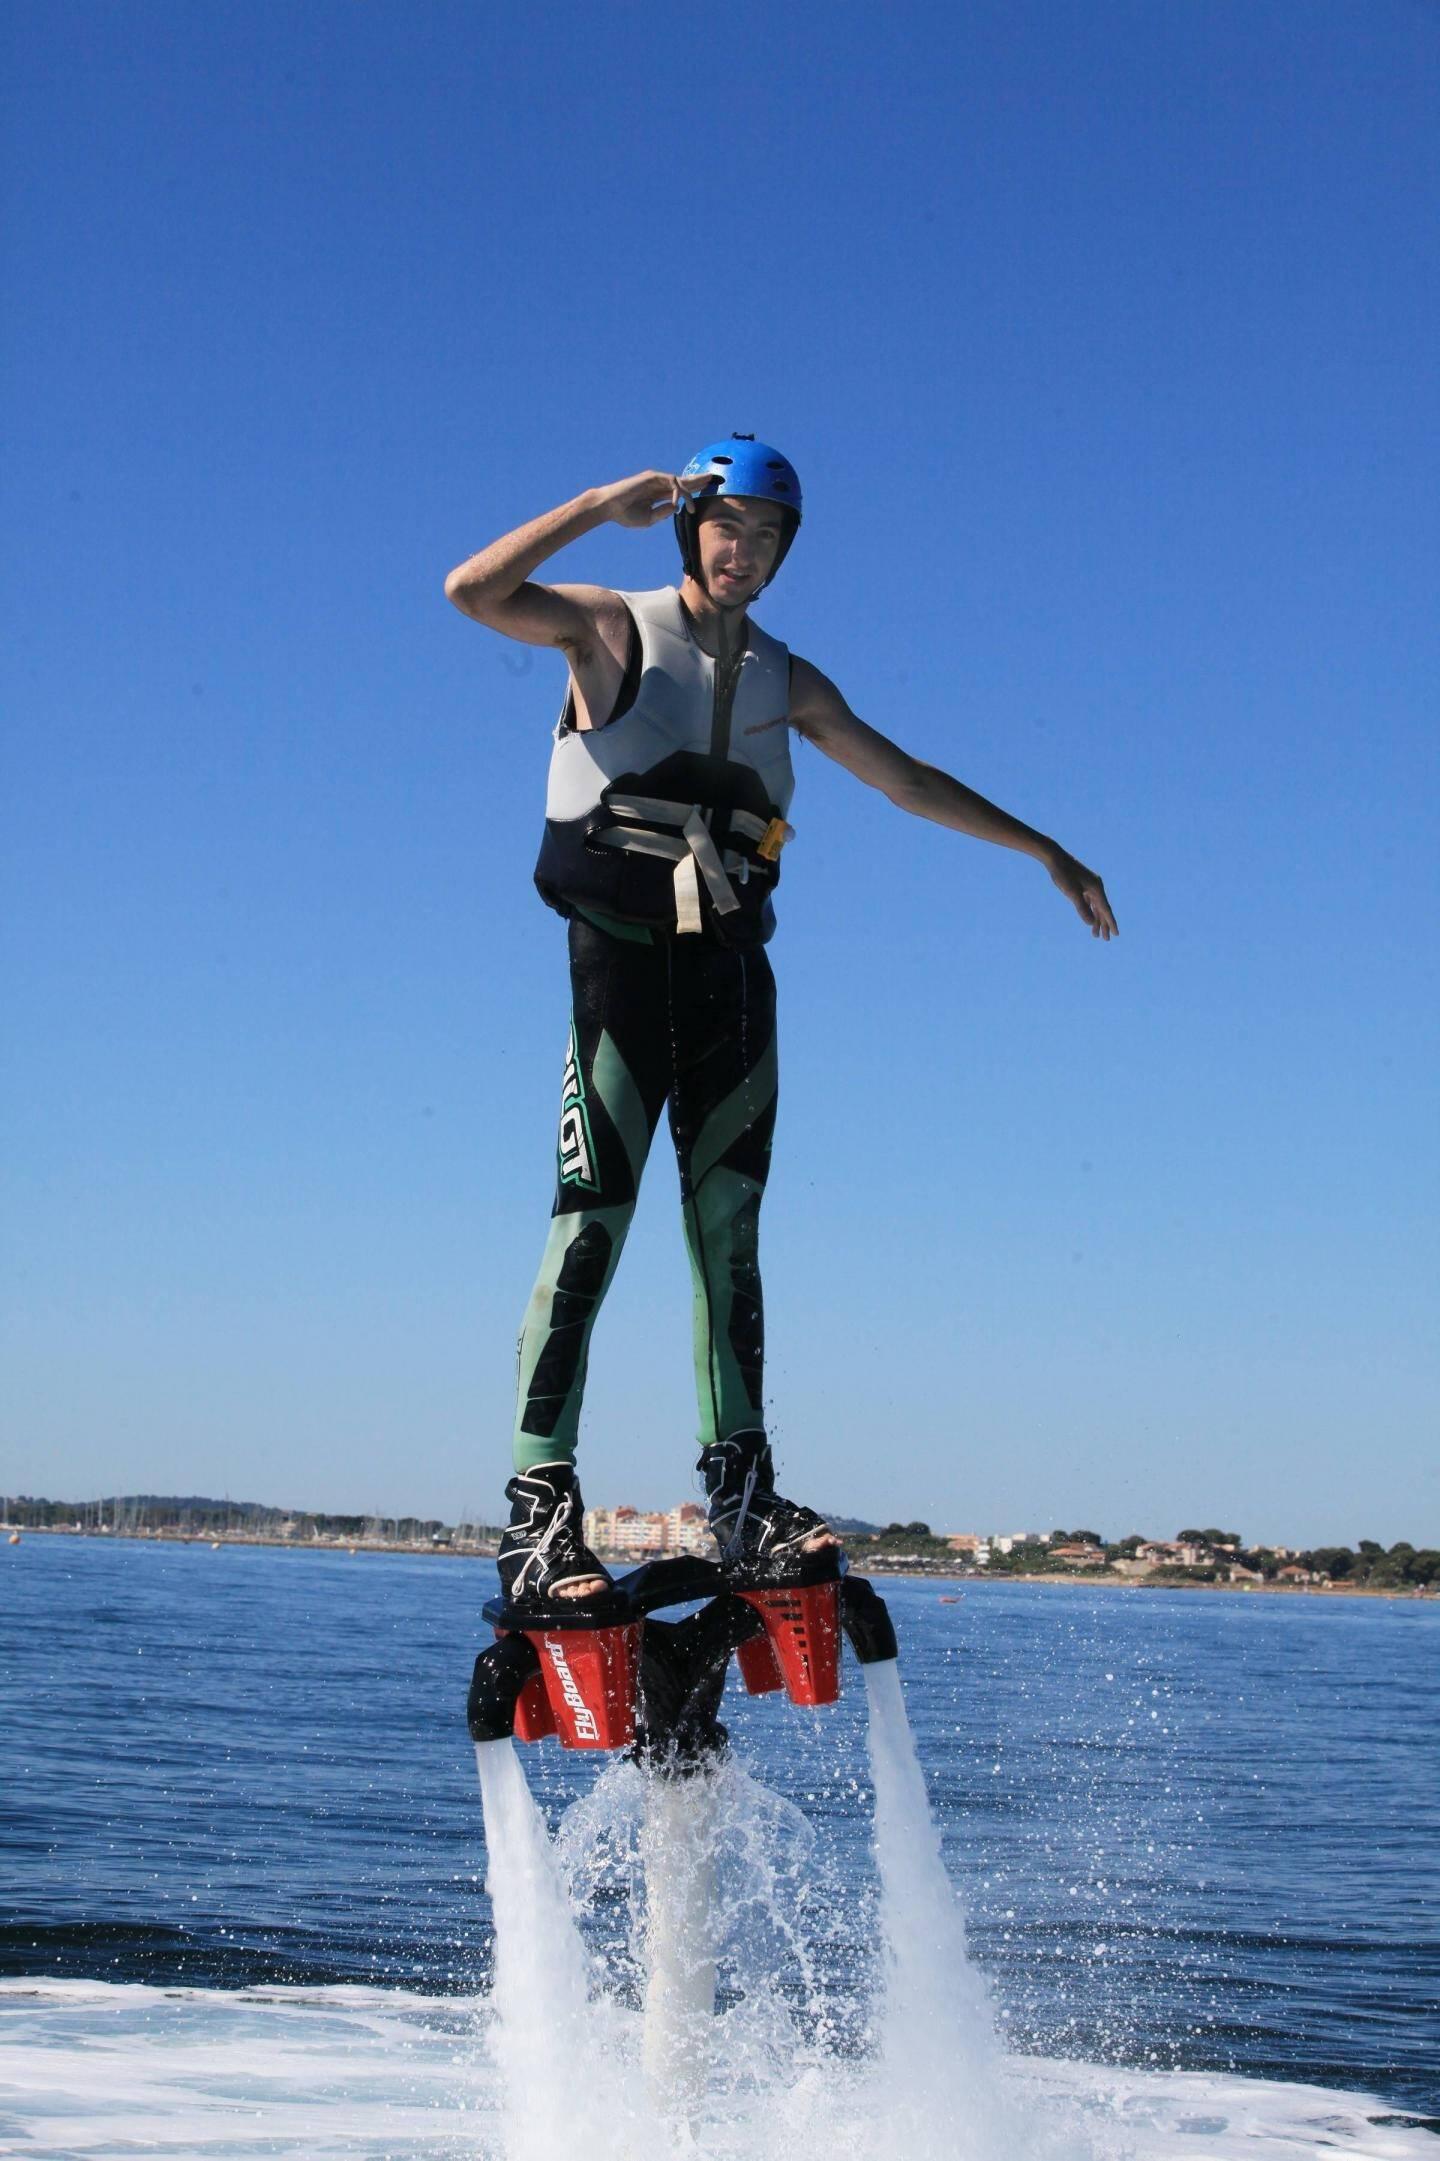 Les démonstrations de fly board font toujours sensation.(Ph L. B.)